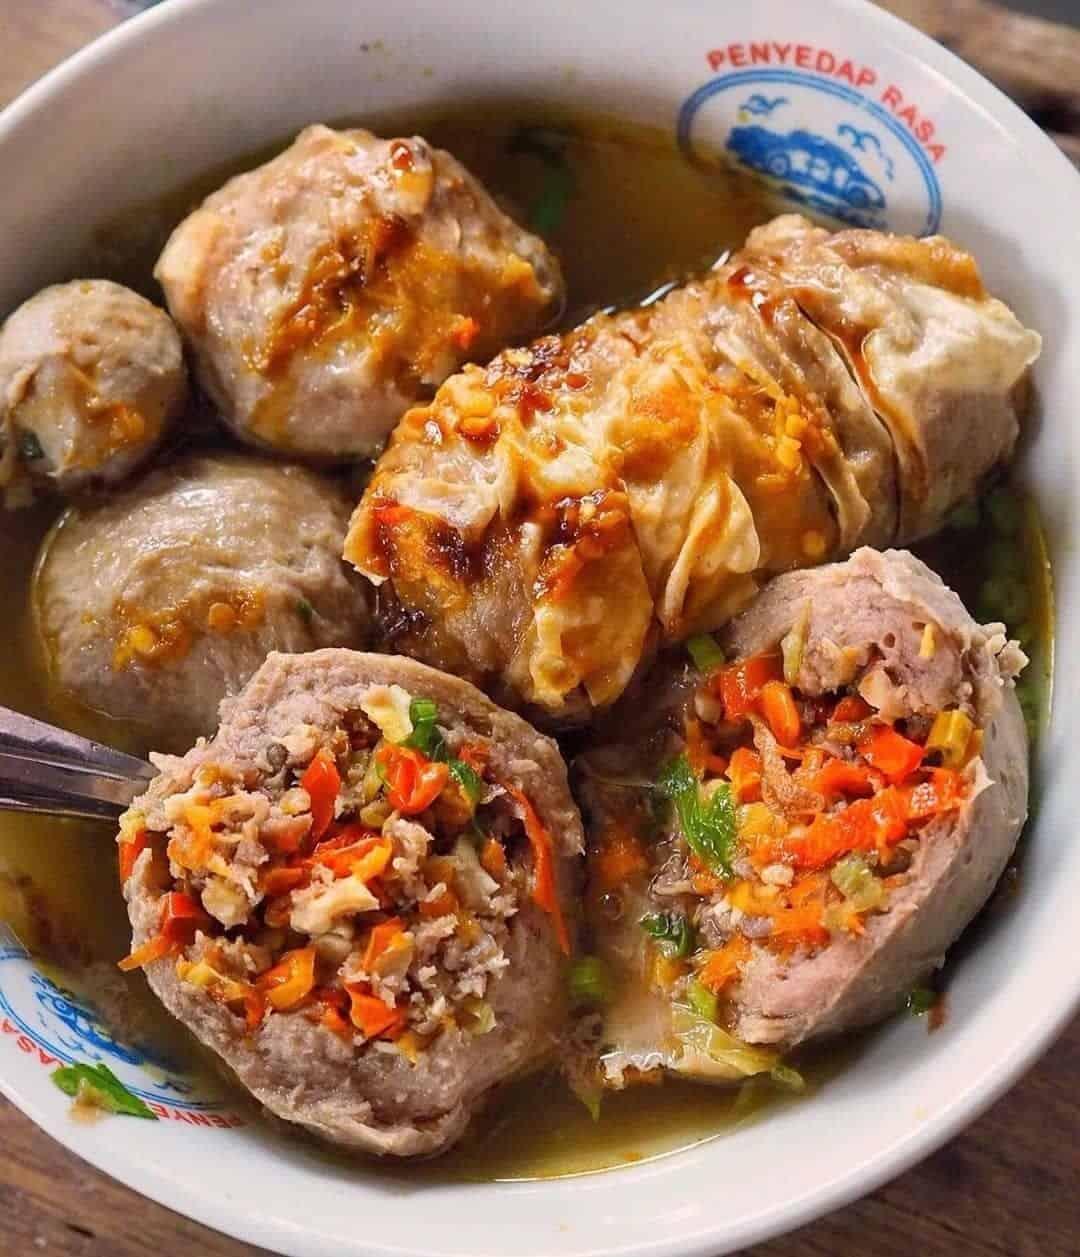 Mengenal 15 Macam Makanan Khas Malang Paling Ikonik 1